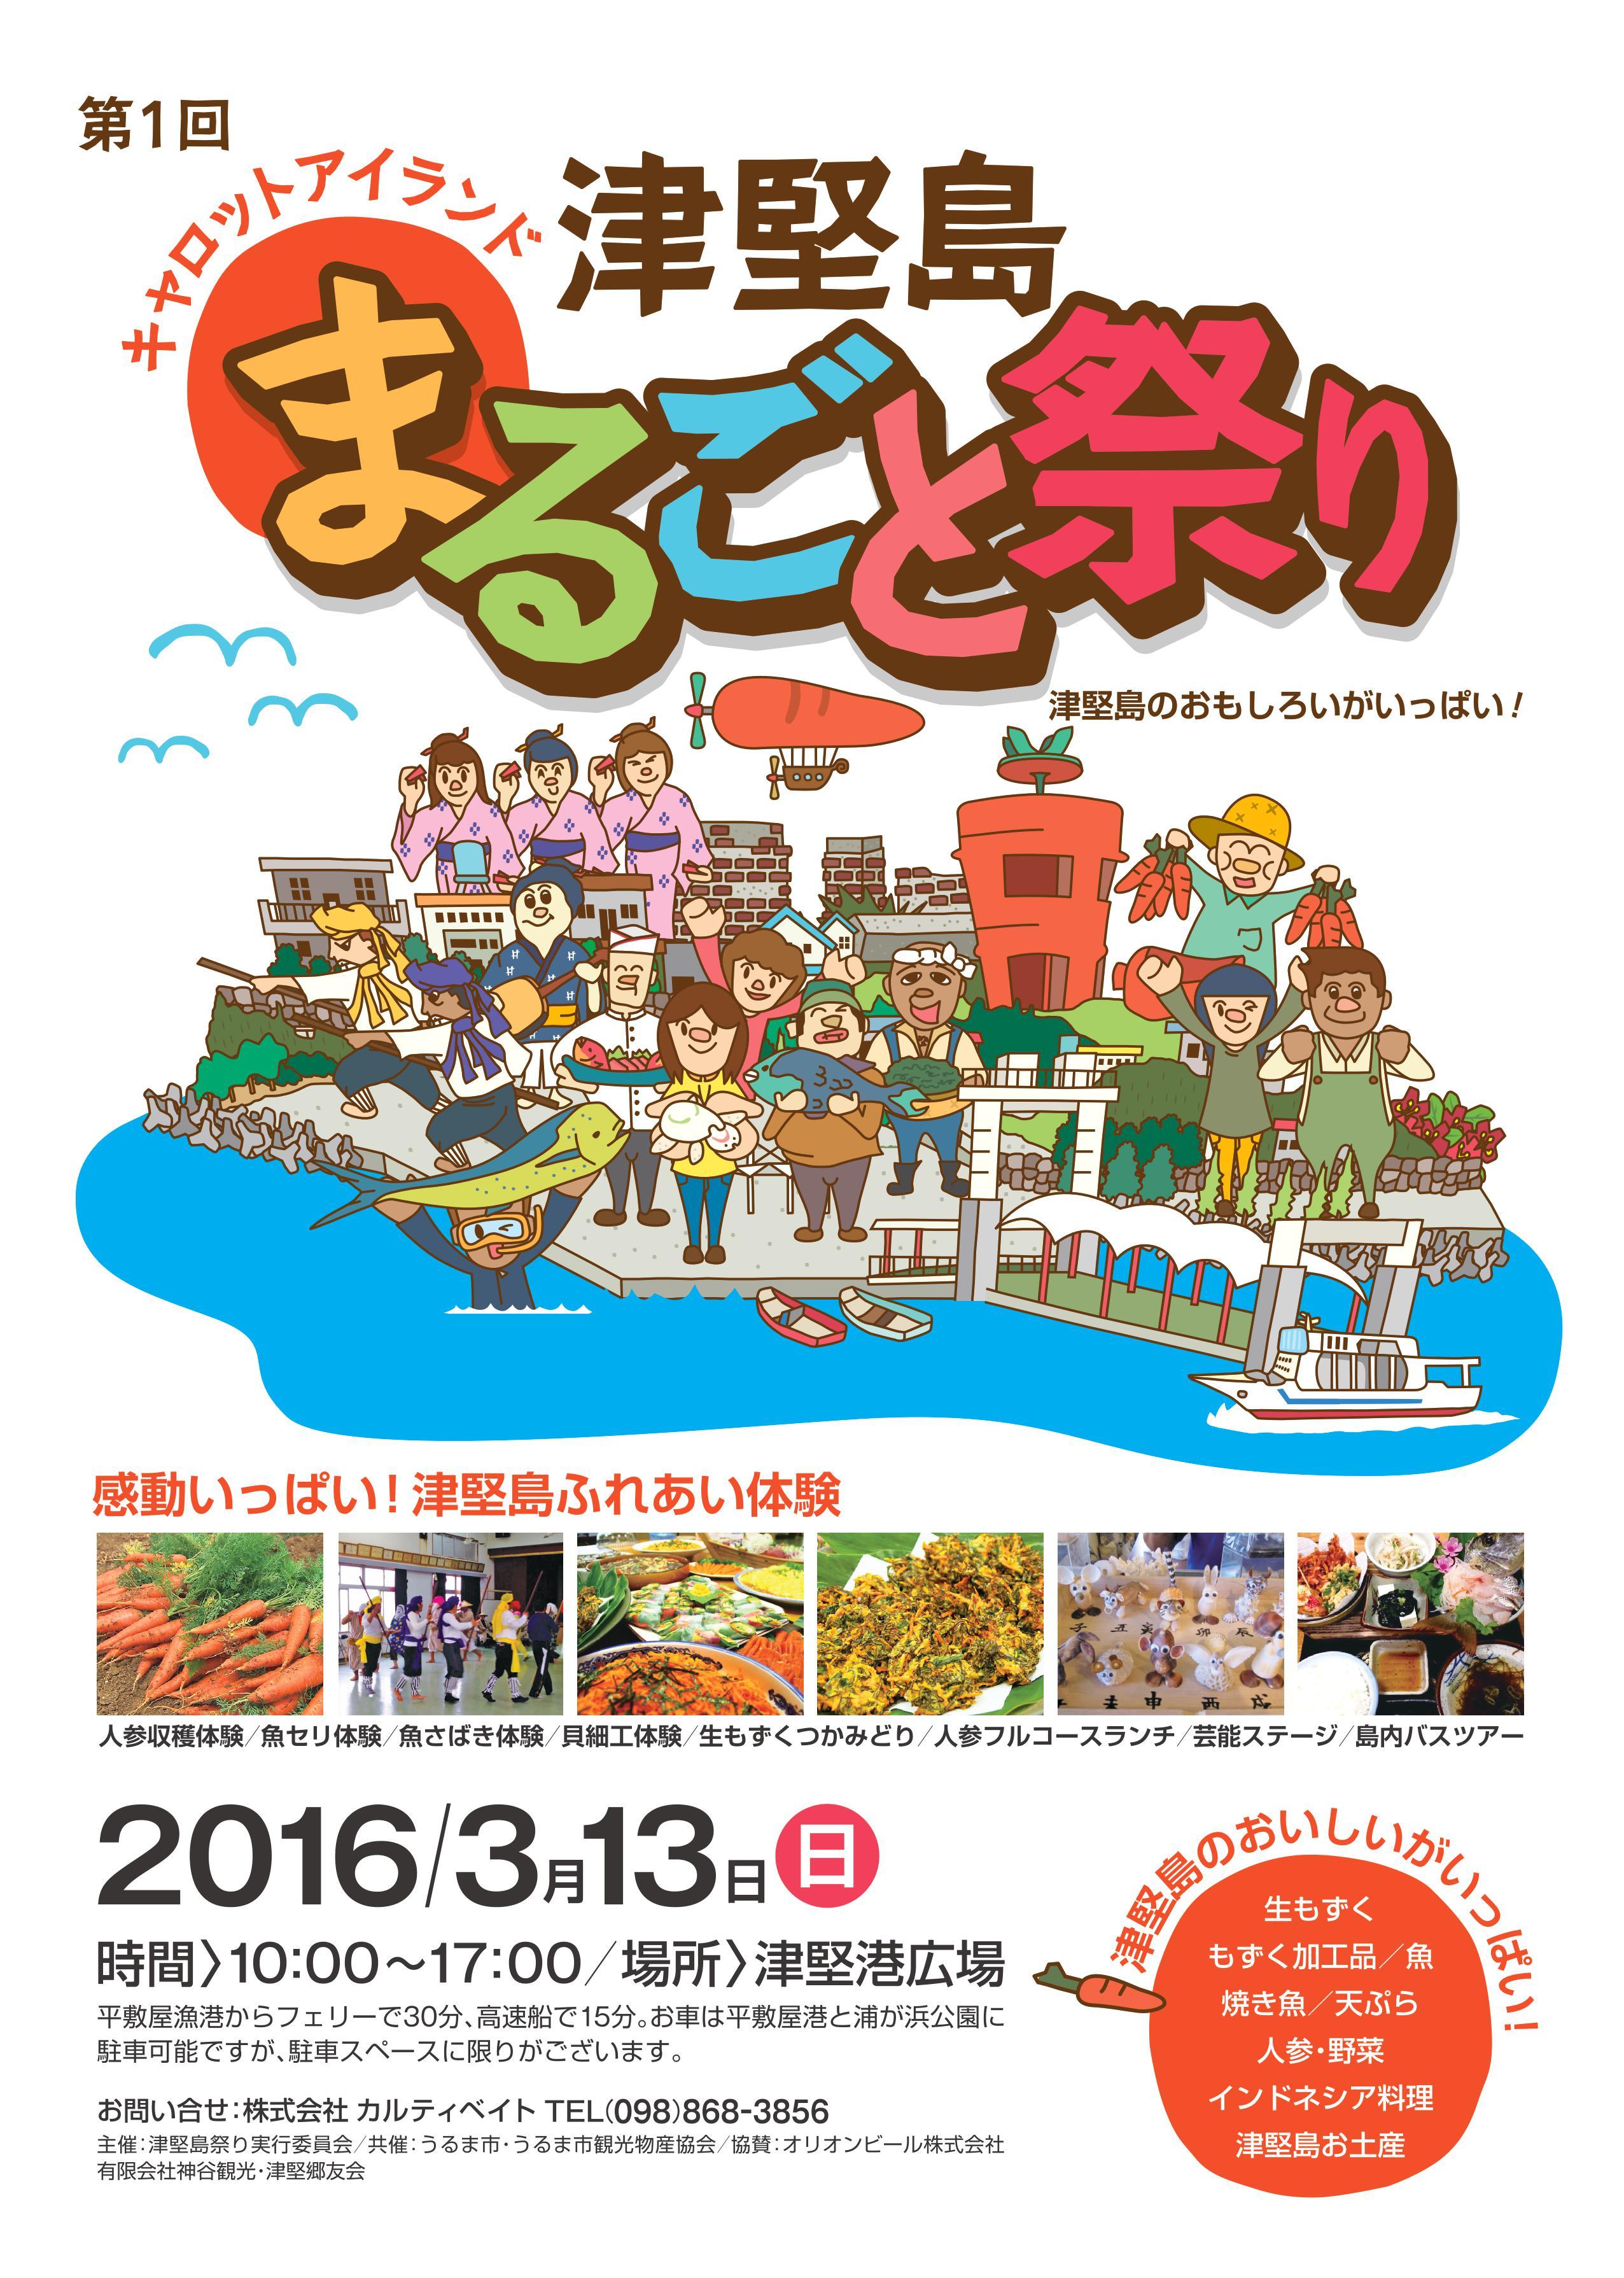 津堅島まるごと祭り